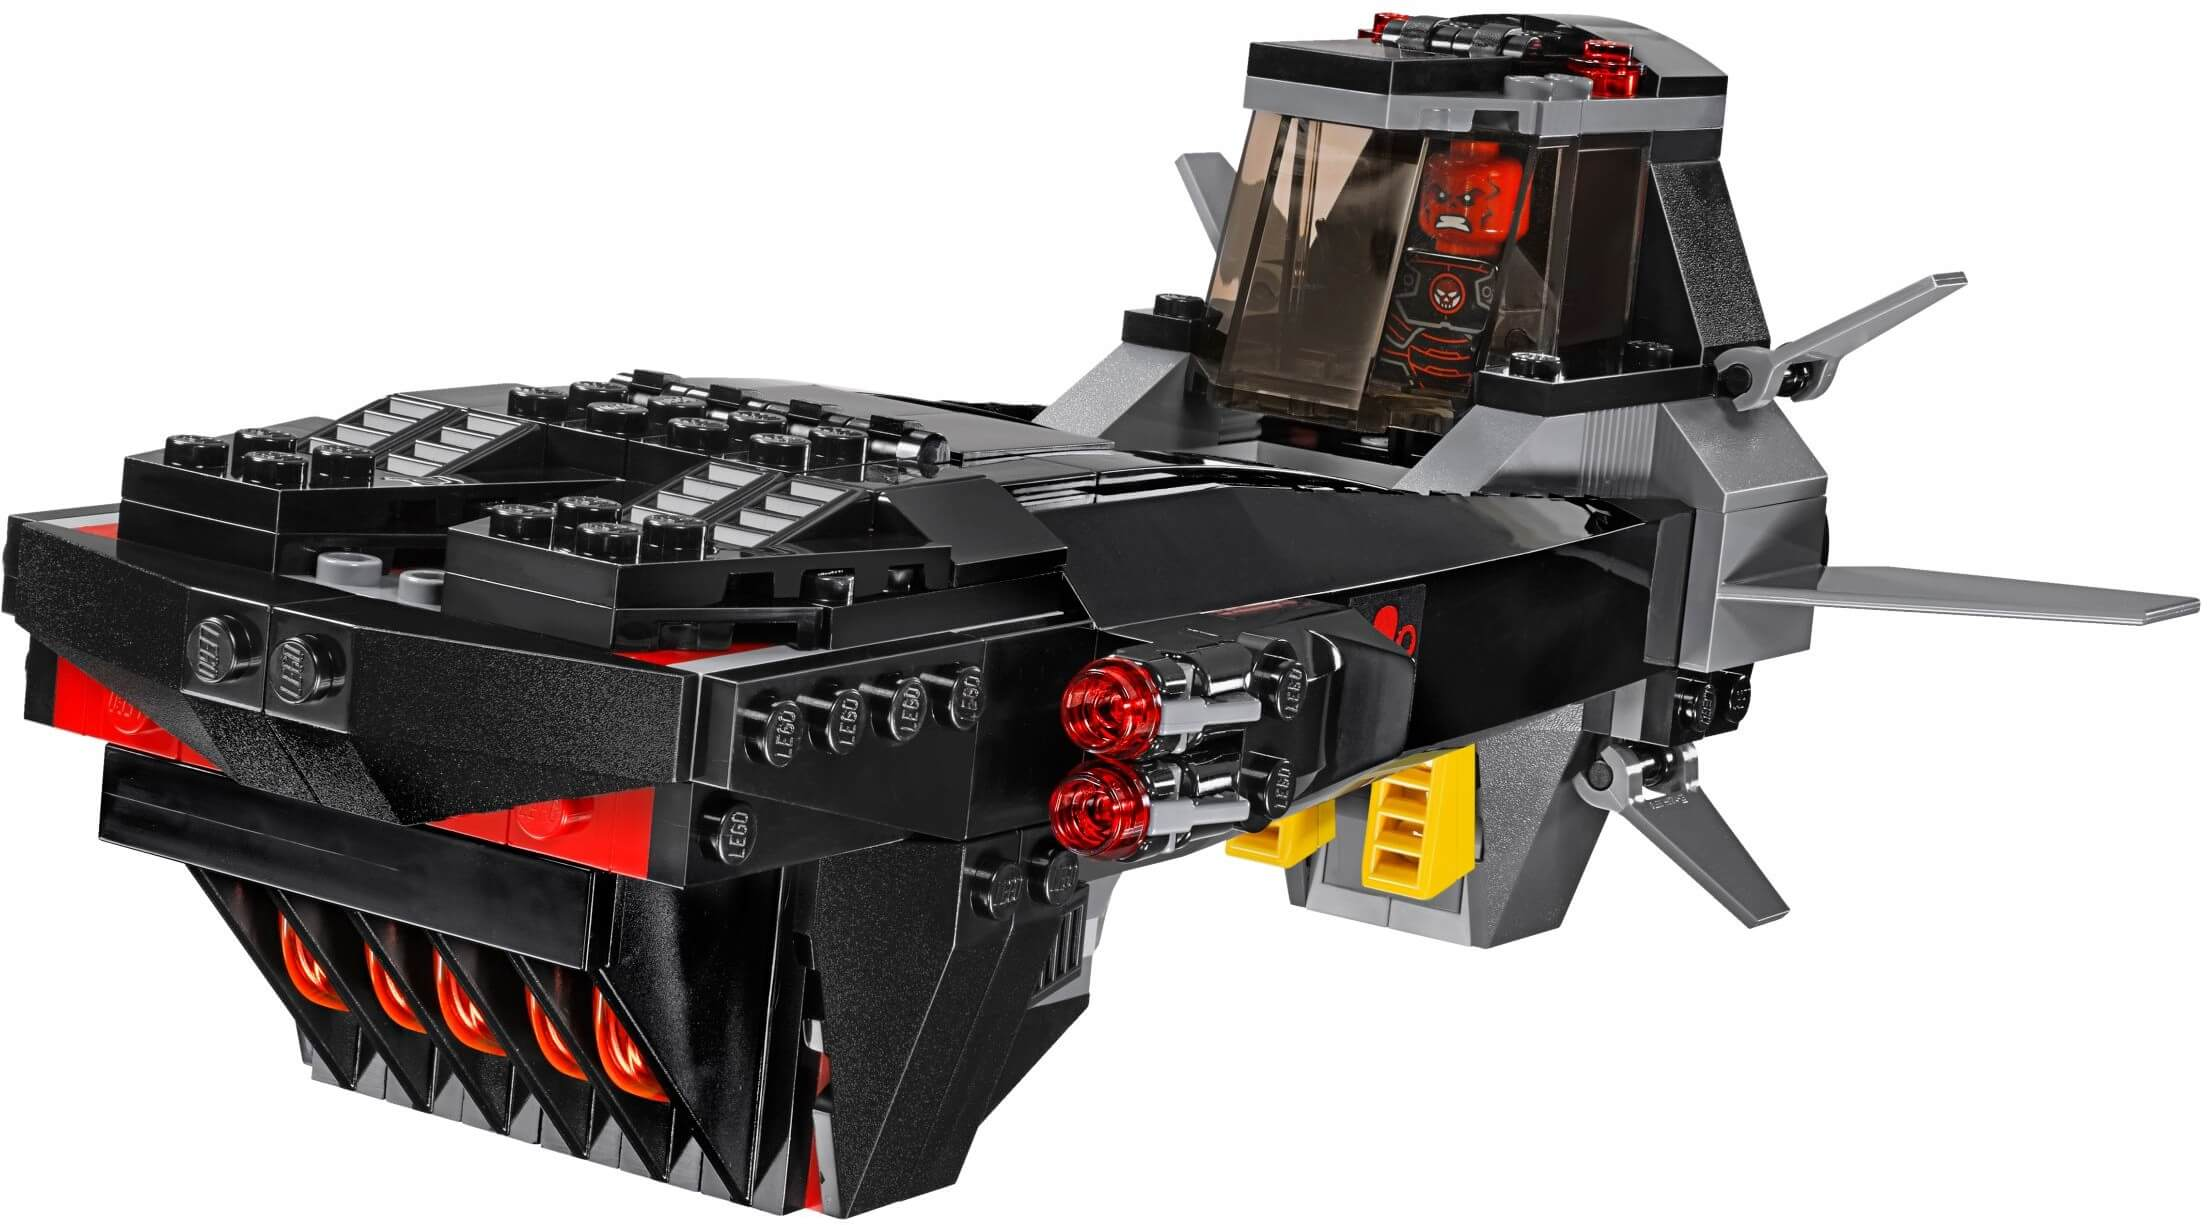 Mua đồ chơi LEGO 76048 - LEGO Marvel Super Heroes 76048 - Tàu Ngầm Iron Skull đại chiến Iron Man & Captain America (LEGO Marvel Super Heroes Iron Skull Sub Attack 76048)